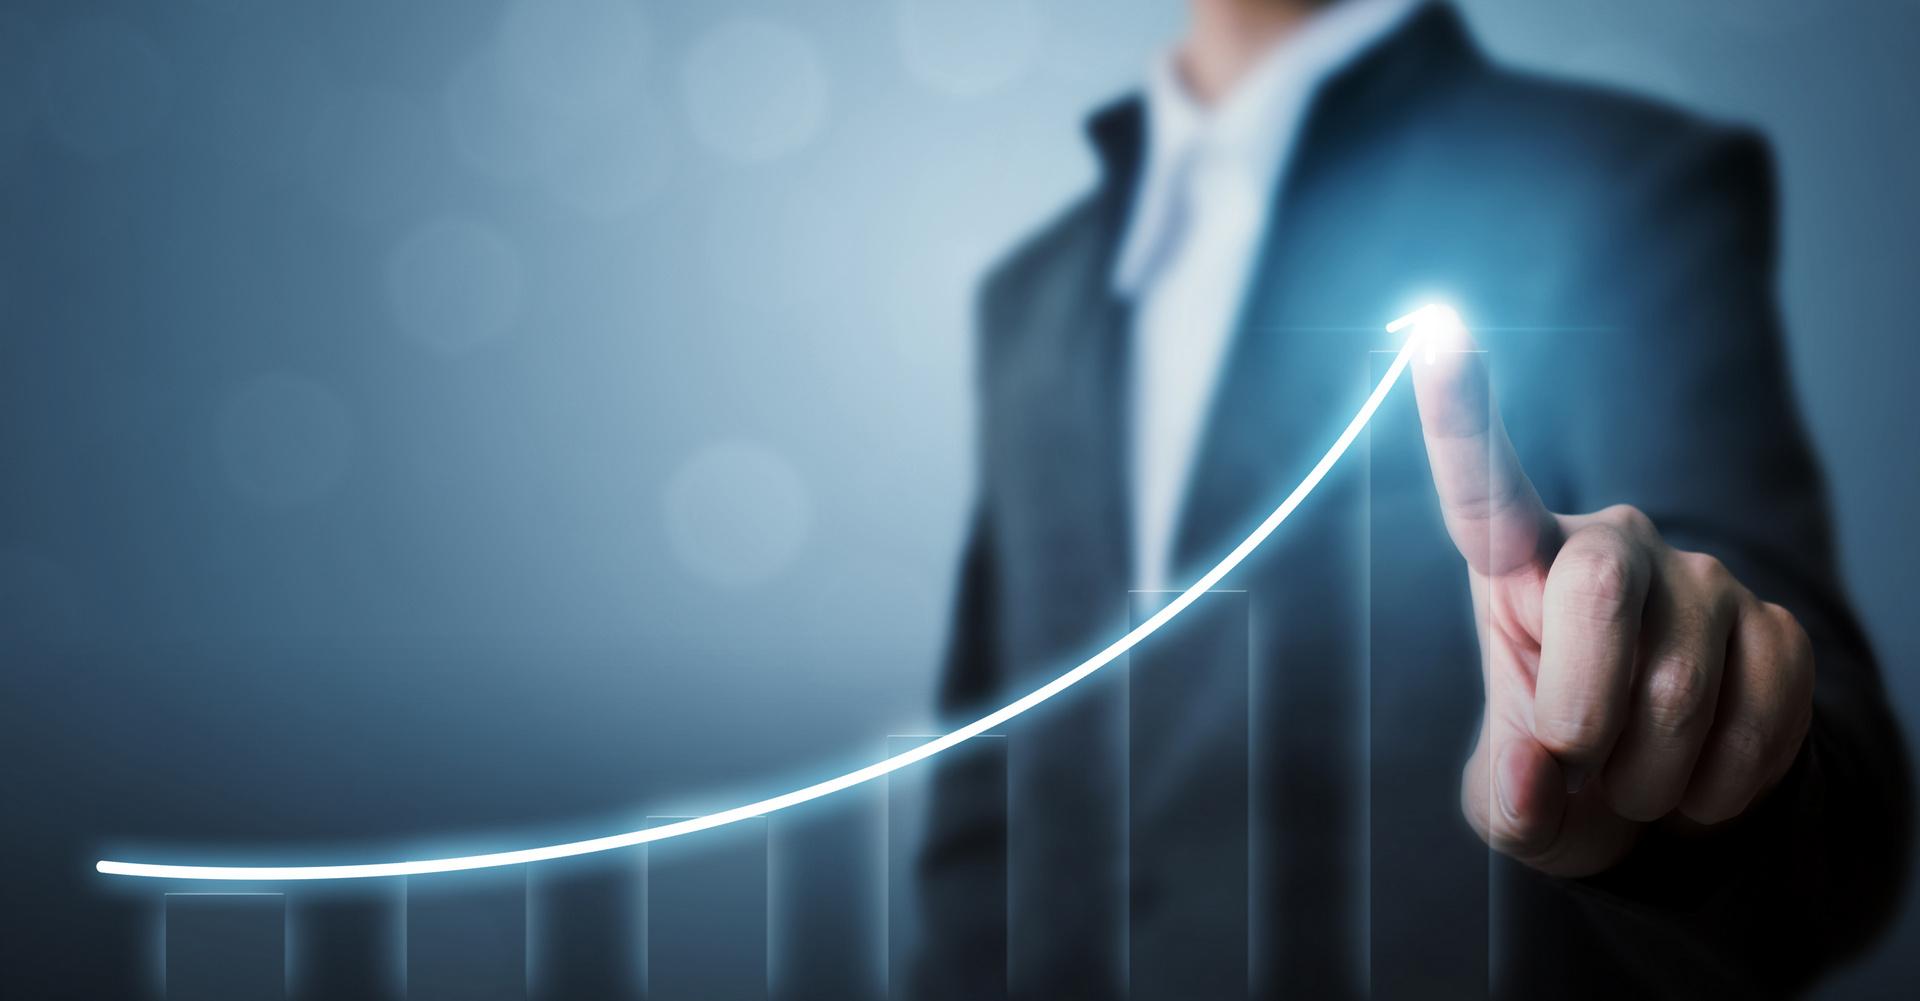 Digitalisierung Mergers and Acquisitions Bewertung von Business Plänen Checkliste